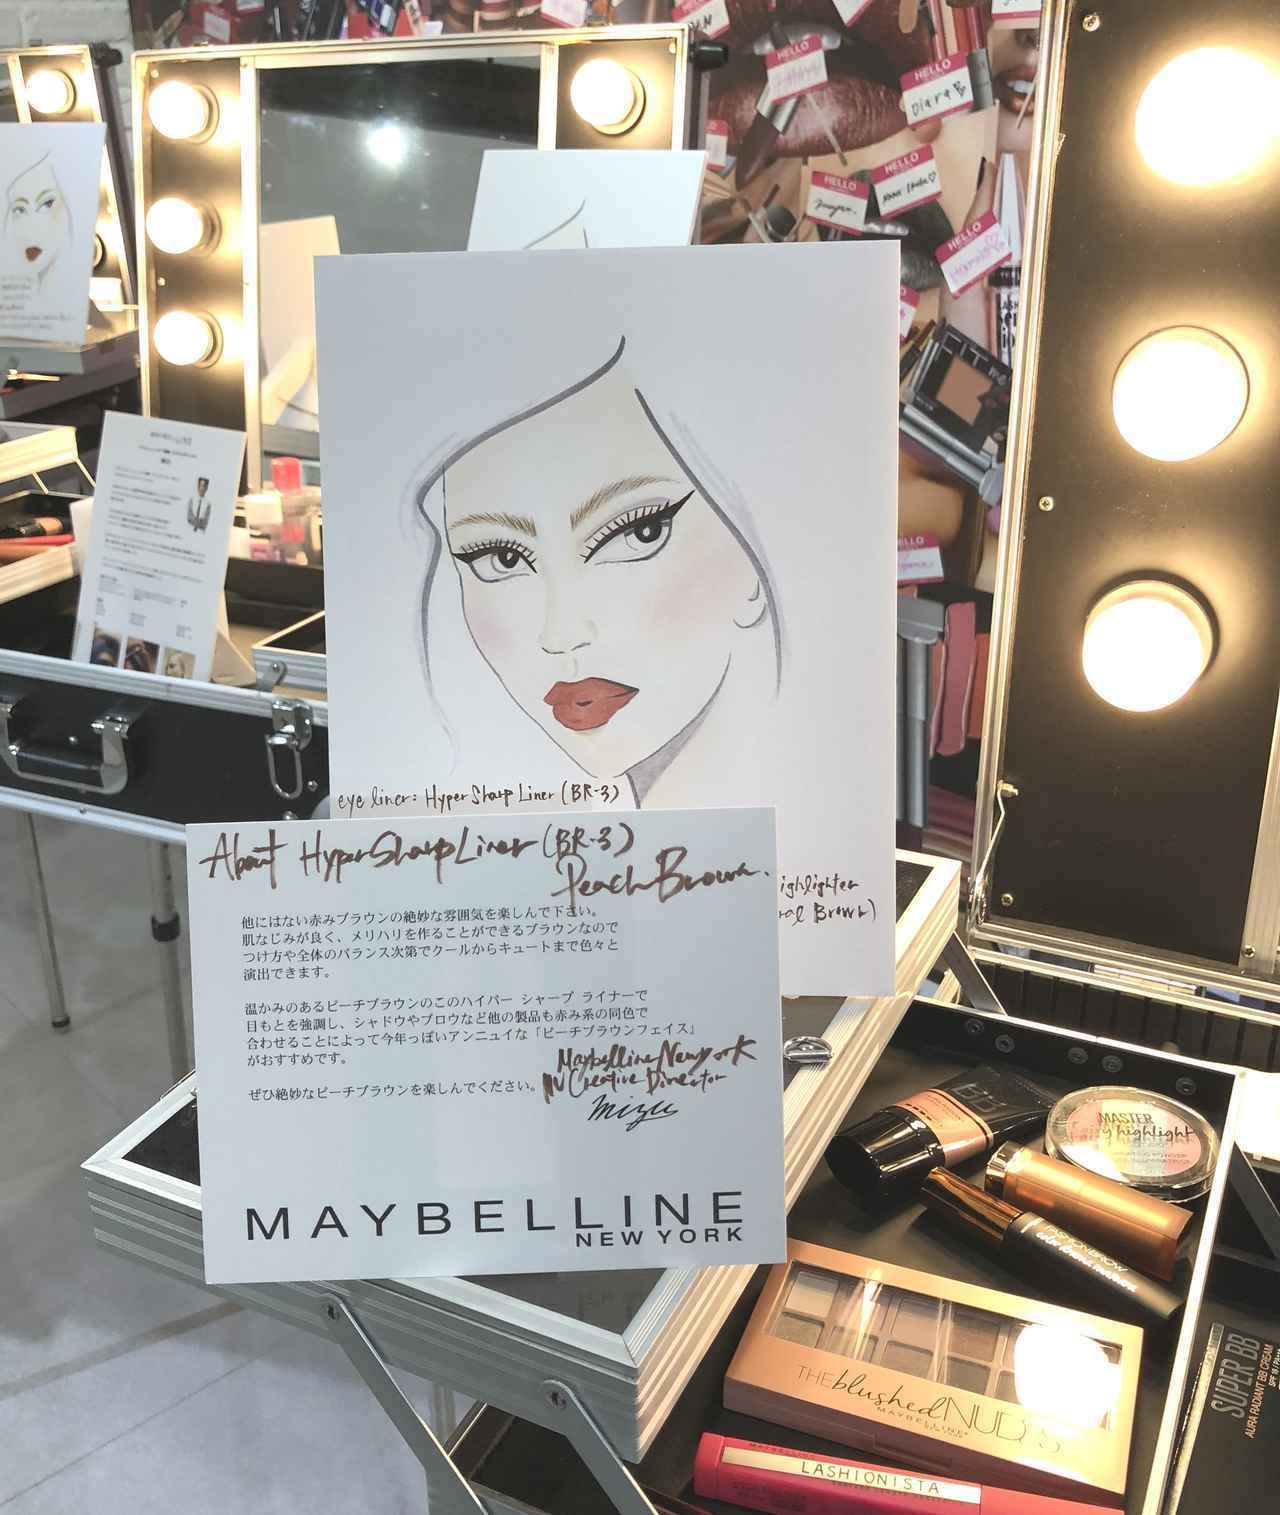 画像7: メイベリンの新作展示会レポ!アイライナー、マットリップ、BBが続々♡